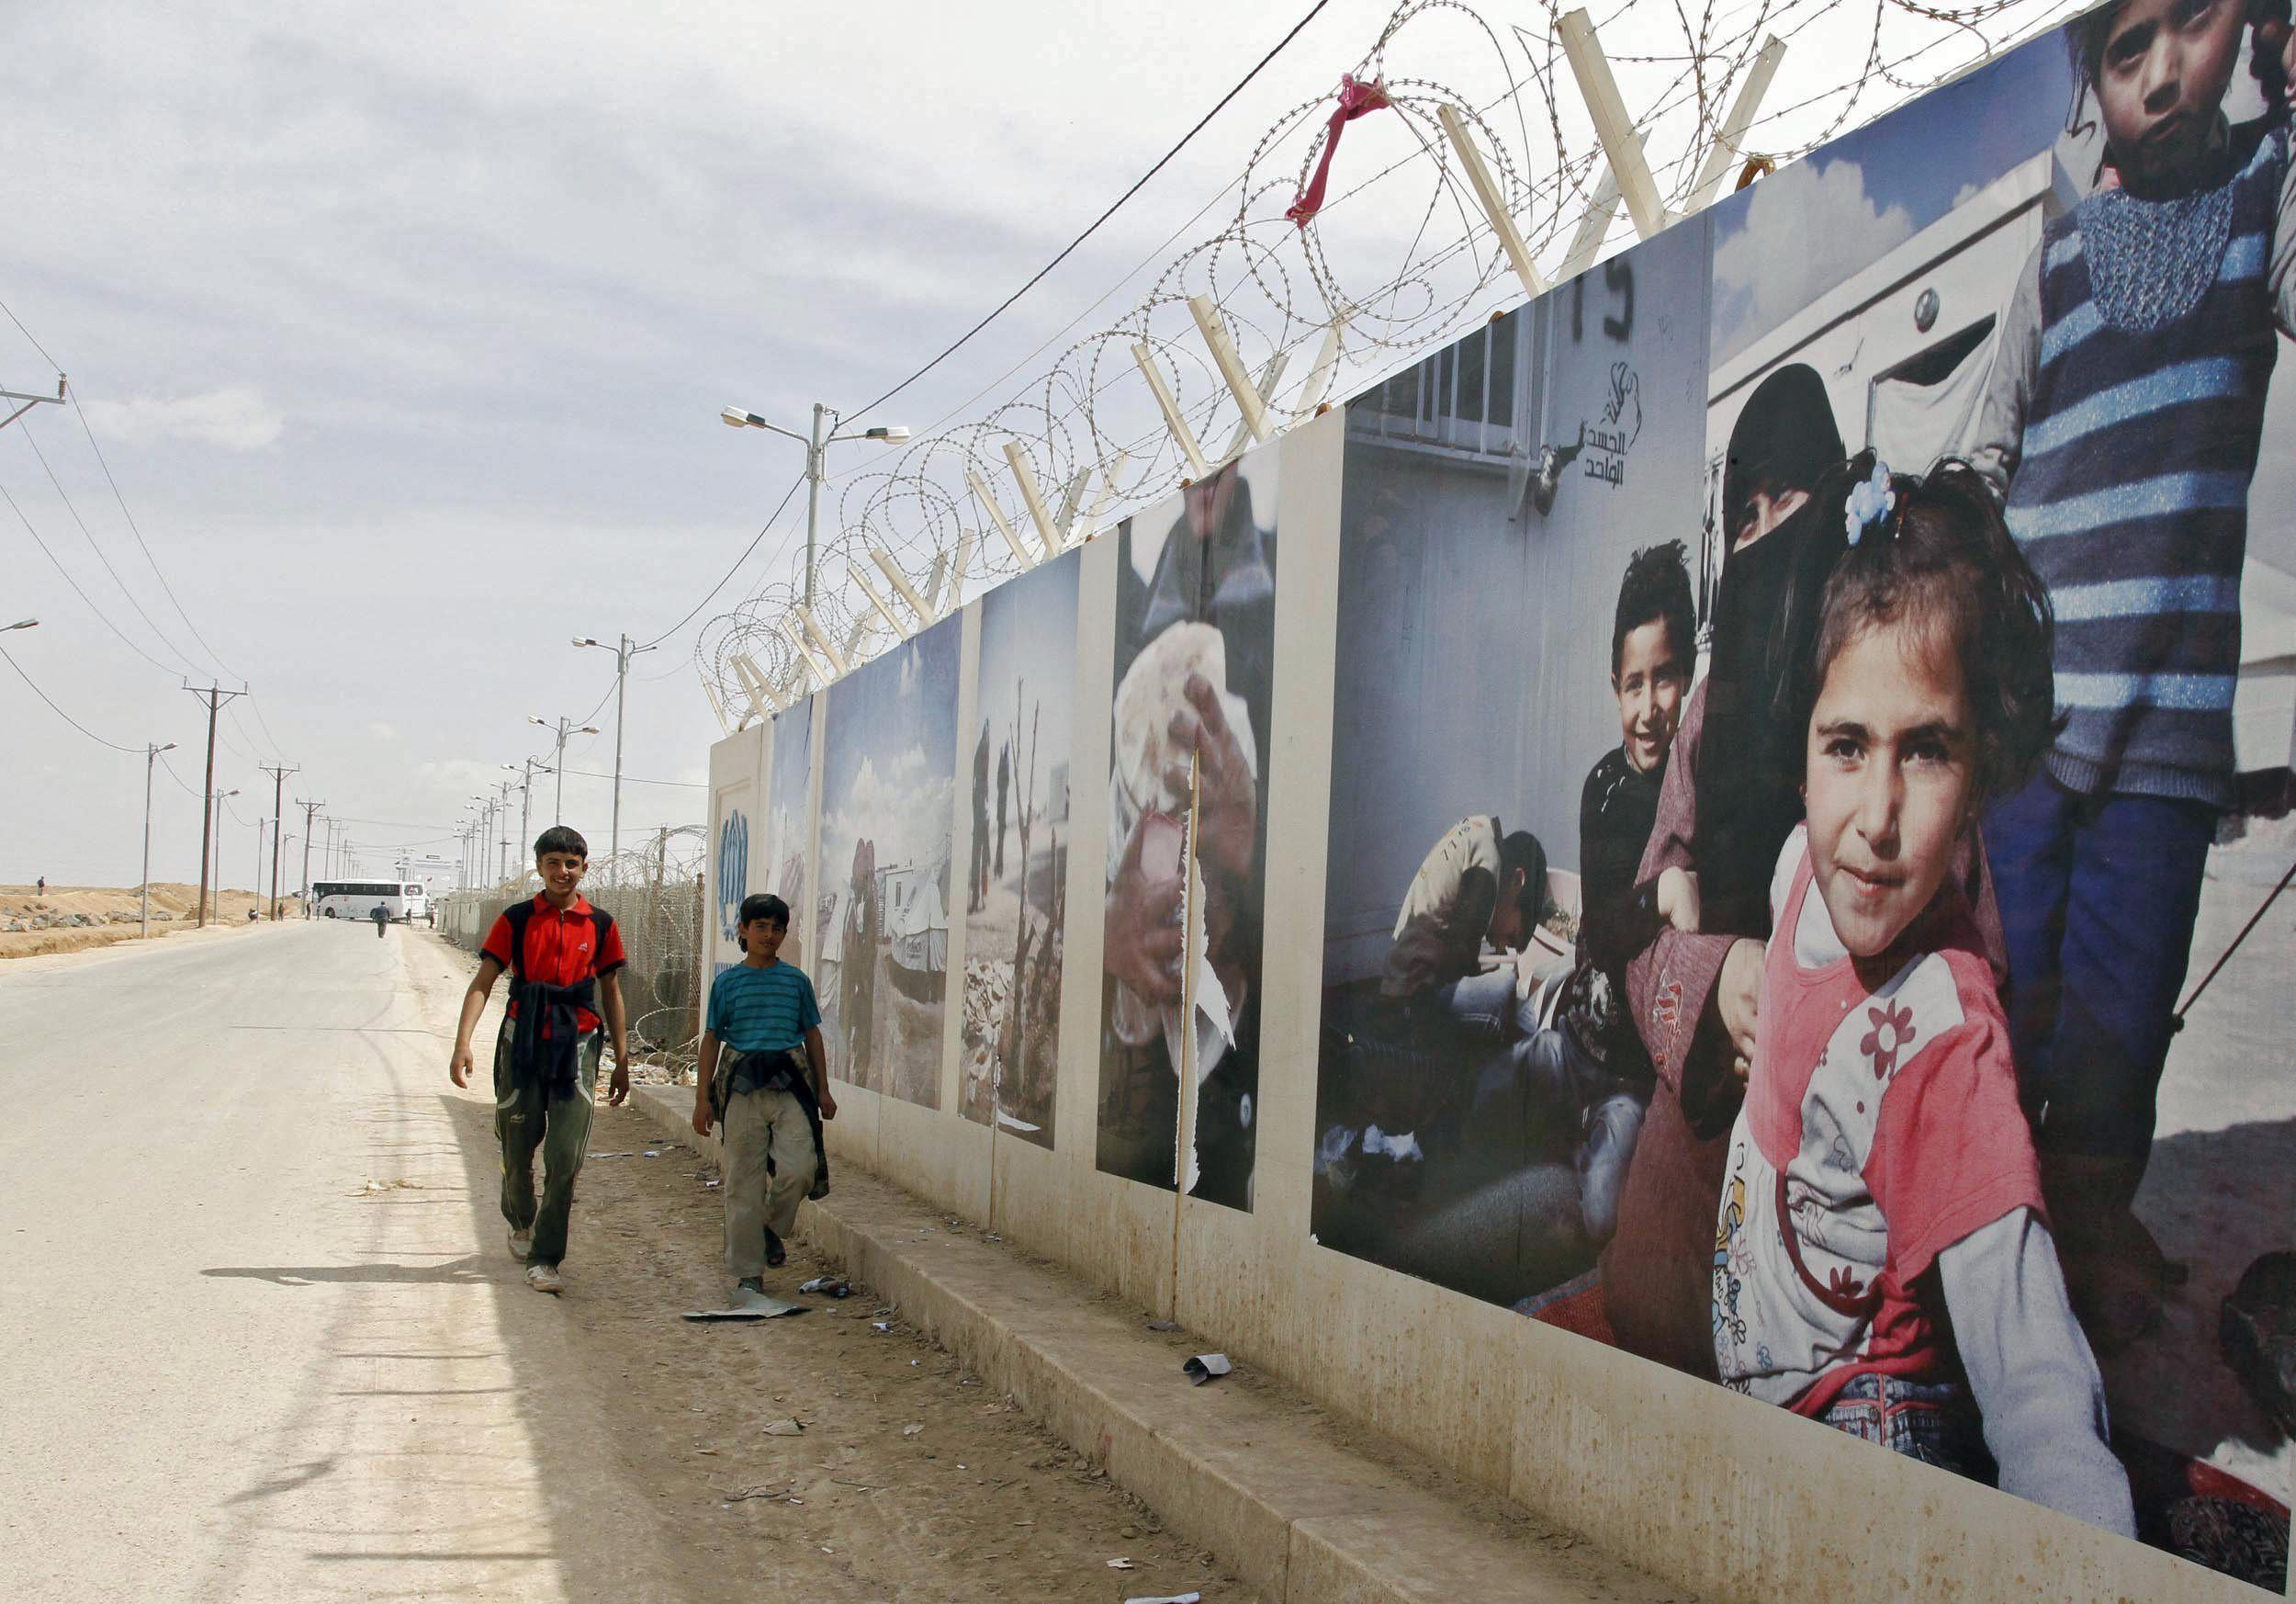 Más de 1.200 sirios huyen a Jordania en las últimas 72 horas